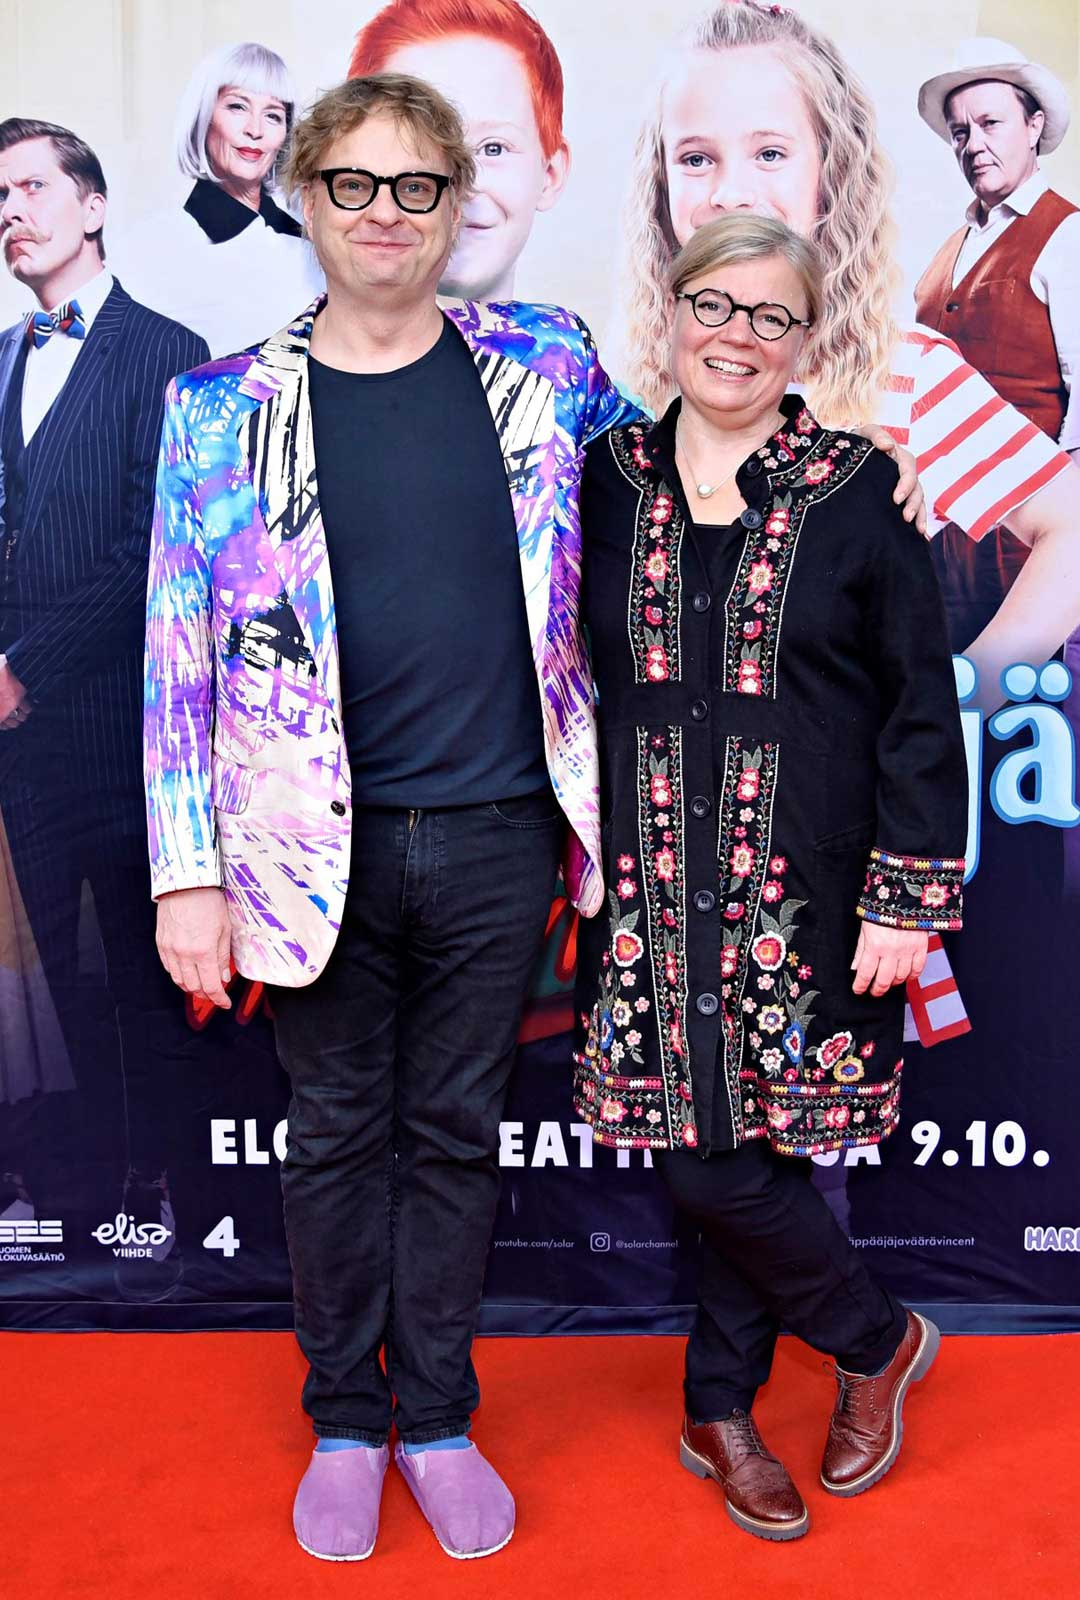 Säveltäjä Iiro Rantala ja näyttelijäpuoliso Lotta Kuusisto.